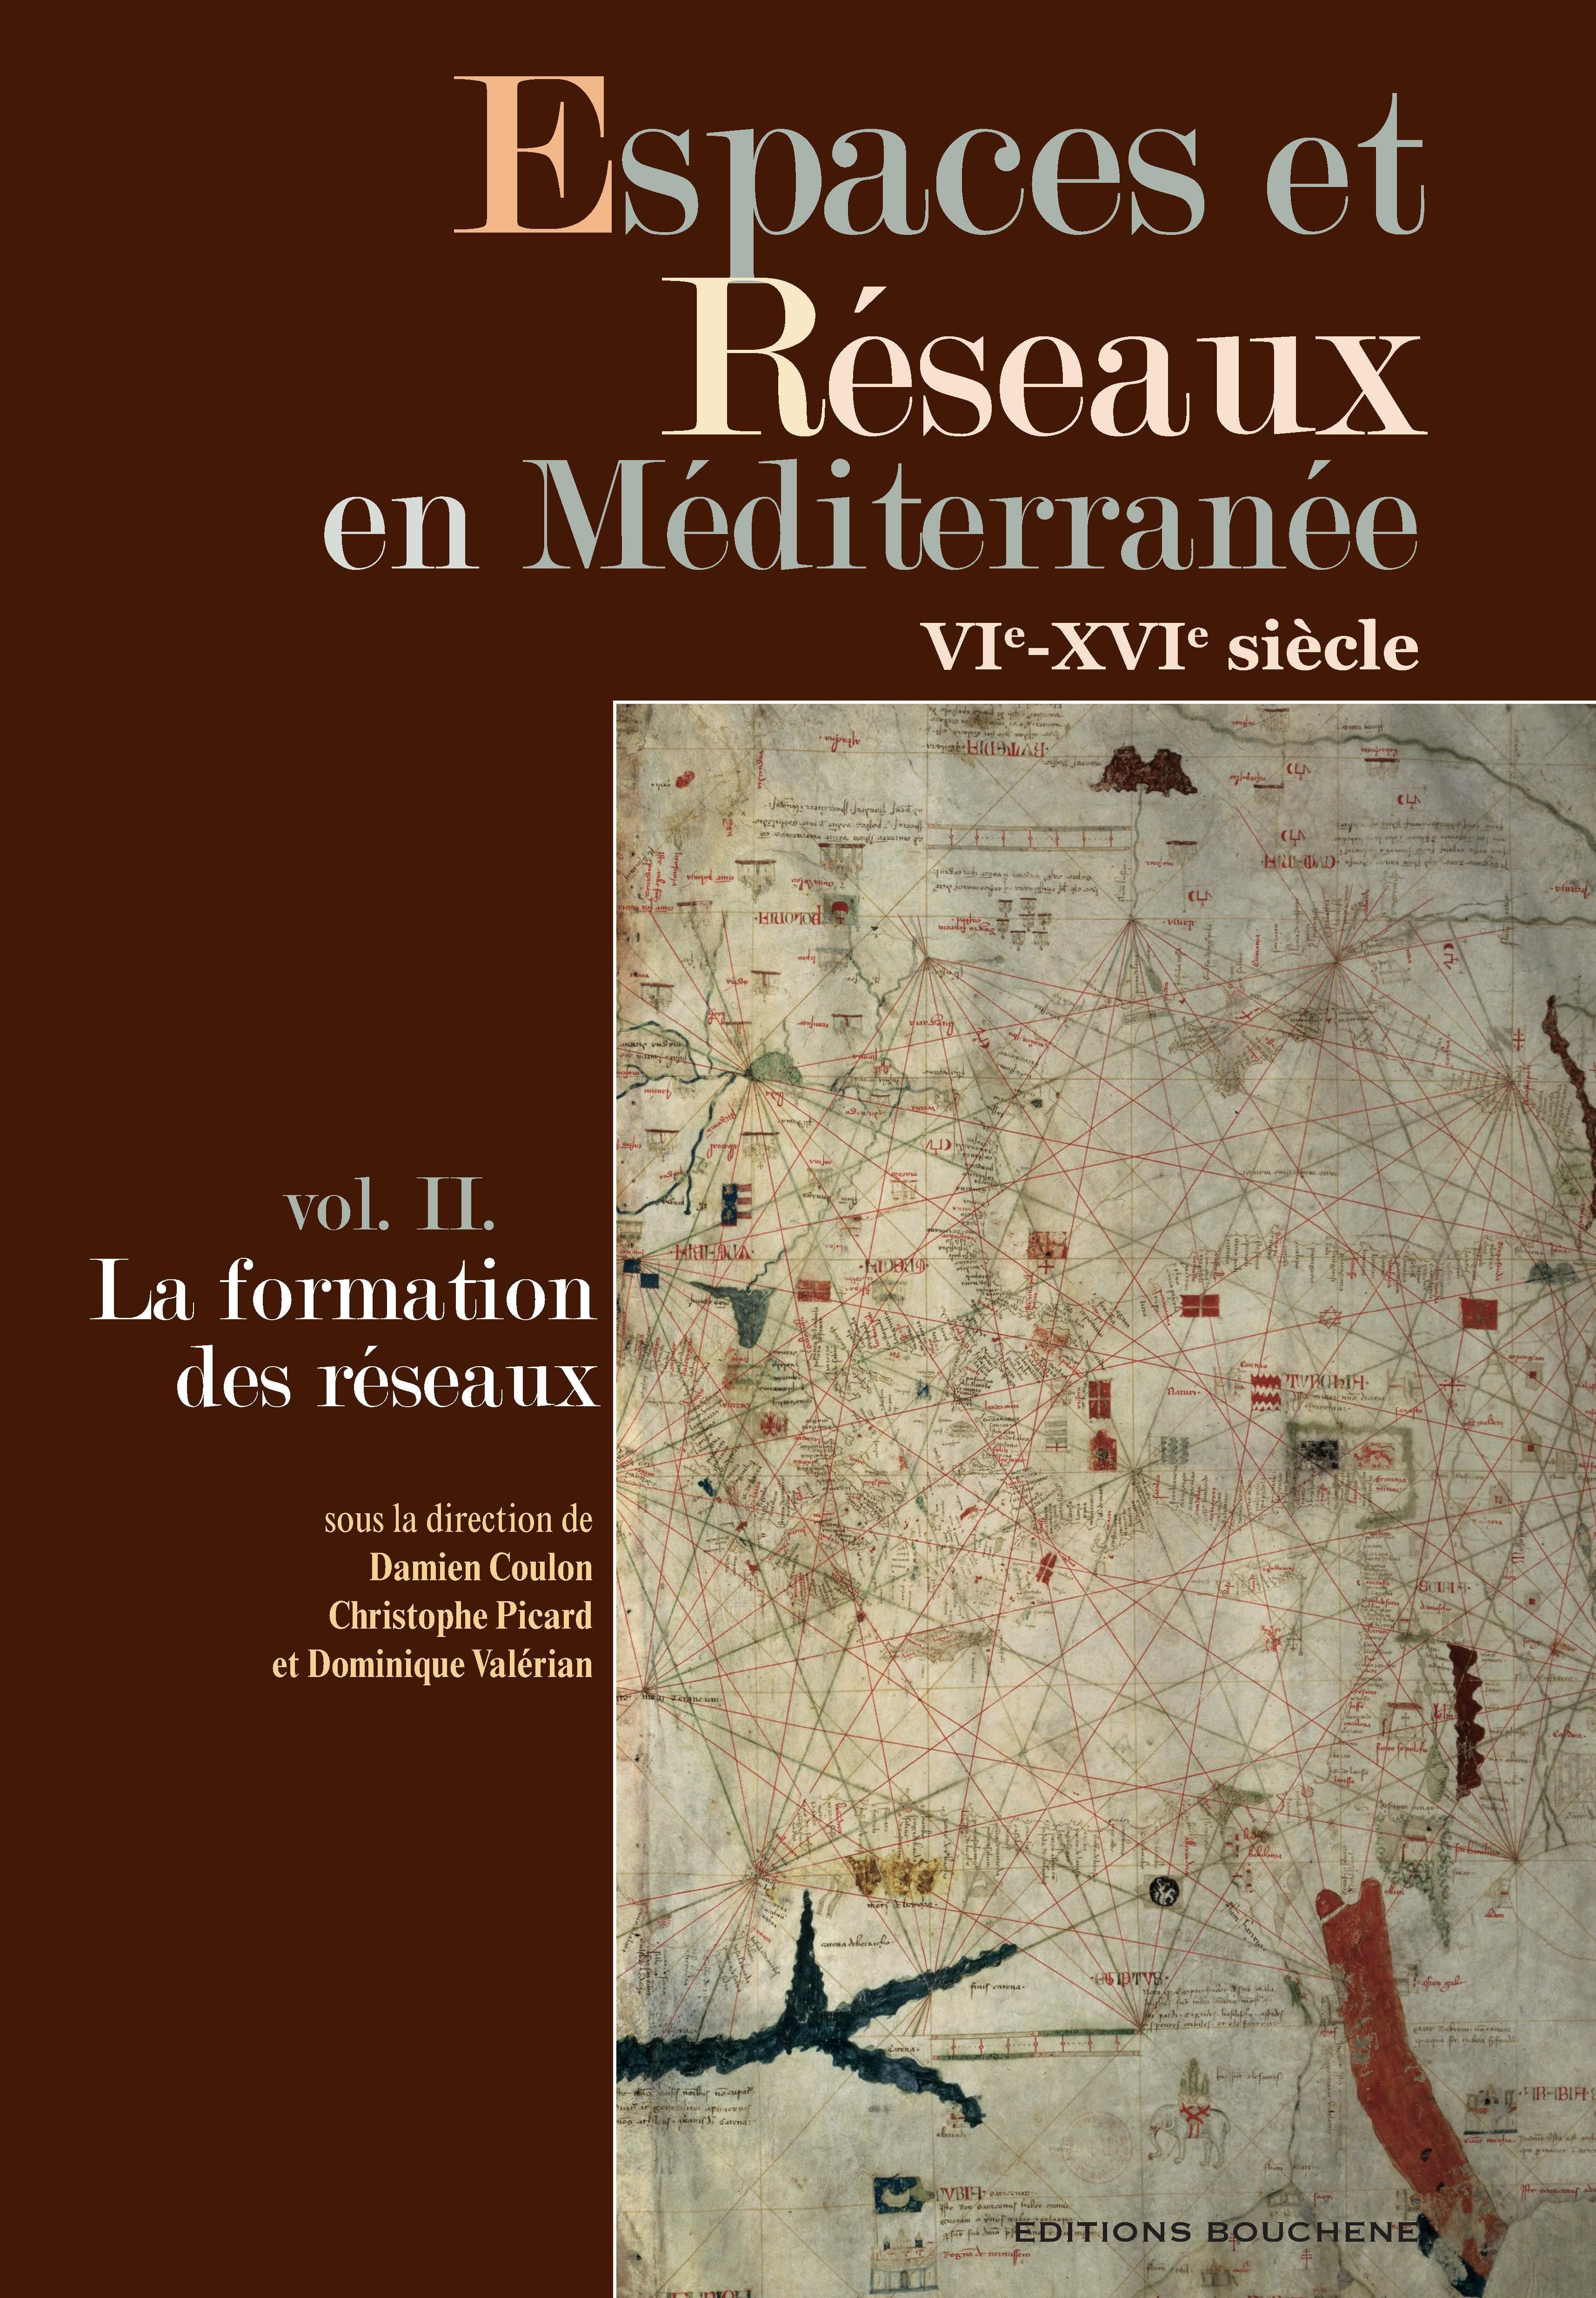 Espaces et reseaux en mediterranee, vie-xvie siecle. vol. ii, la formation des reseaux